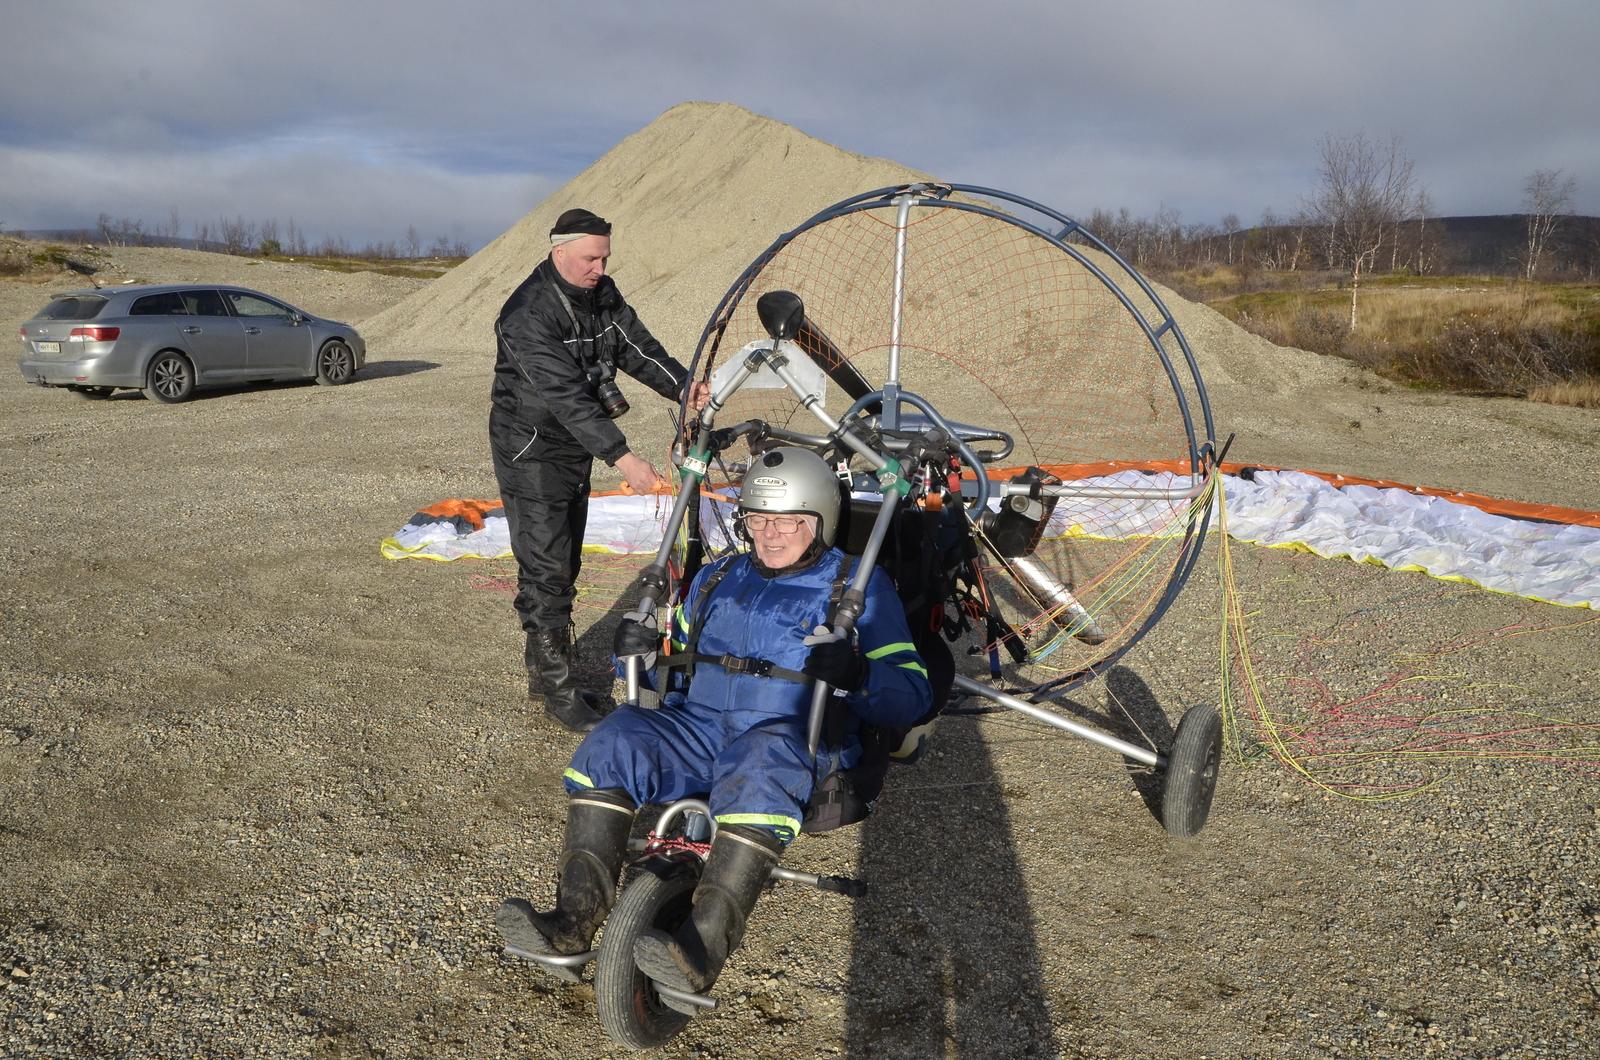 Antti halusi lähteä katsomaan maisemia ilmasta, joten hänet myös lennätin. Jari valmiina käynnistämään moottorin, sillä starttimoottori hieman reistailee:)